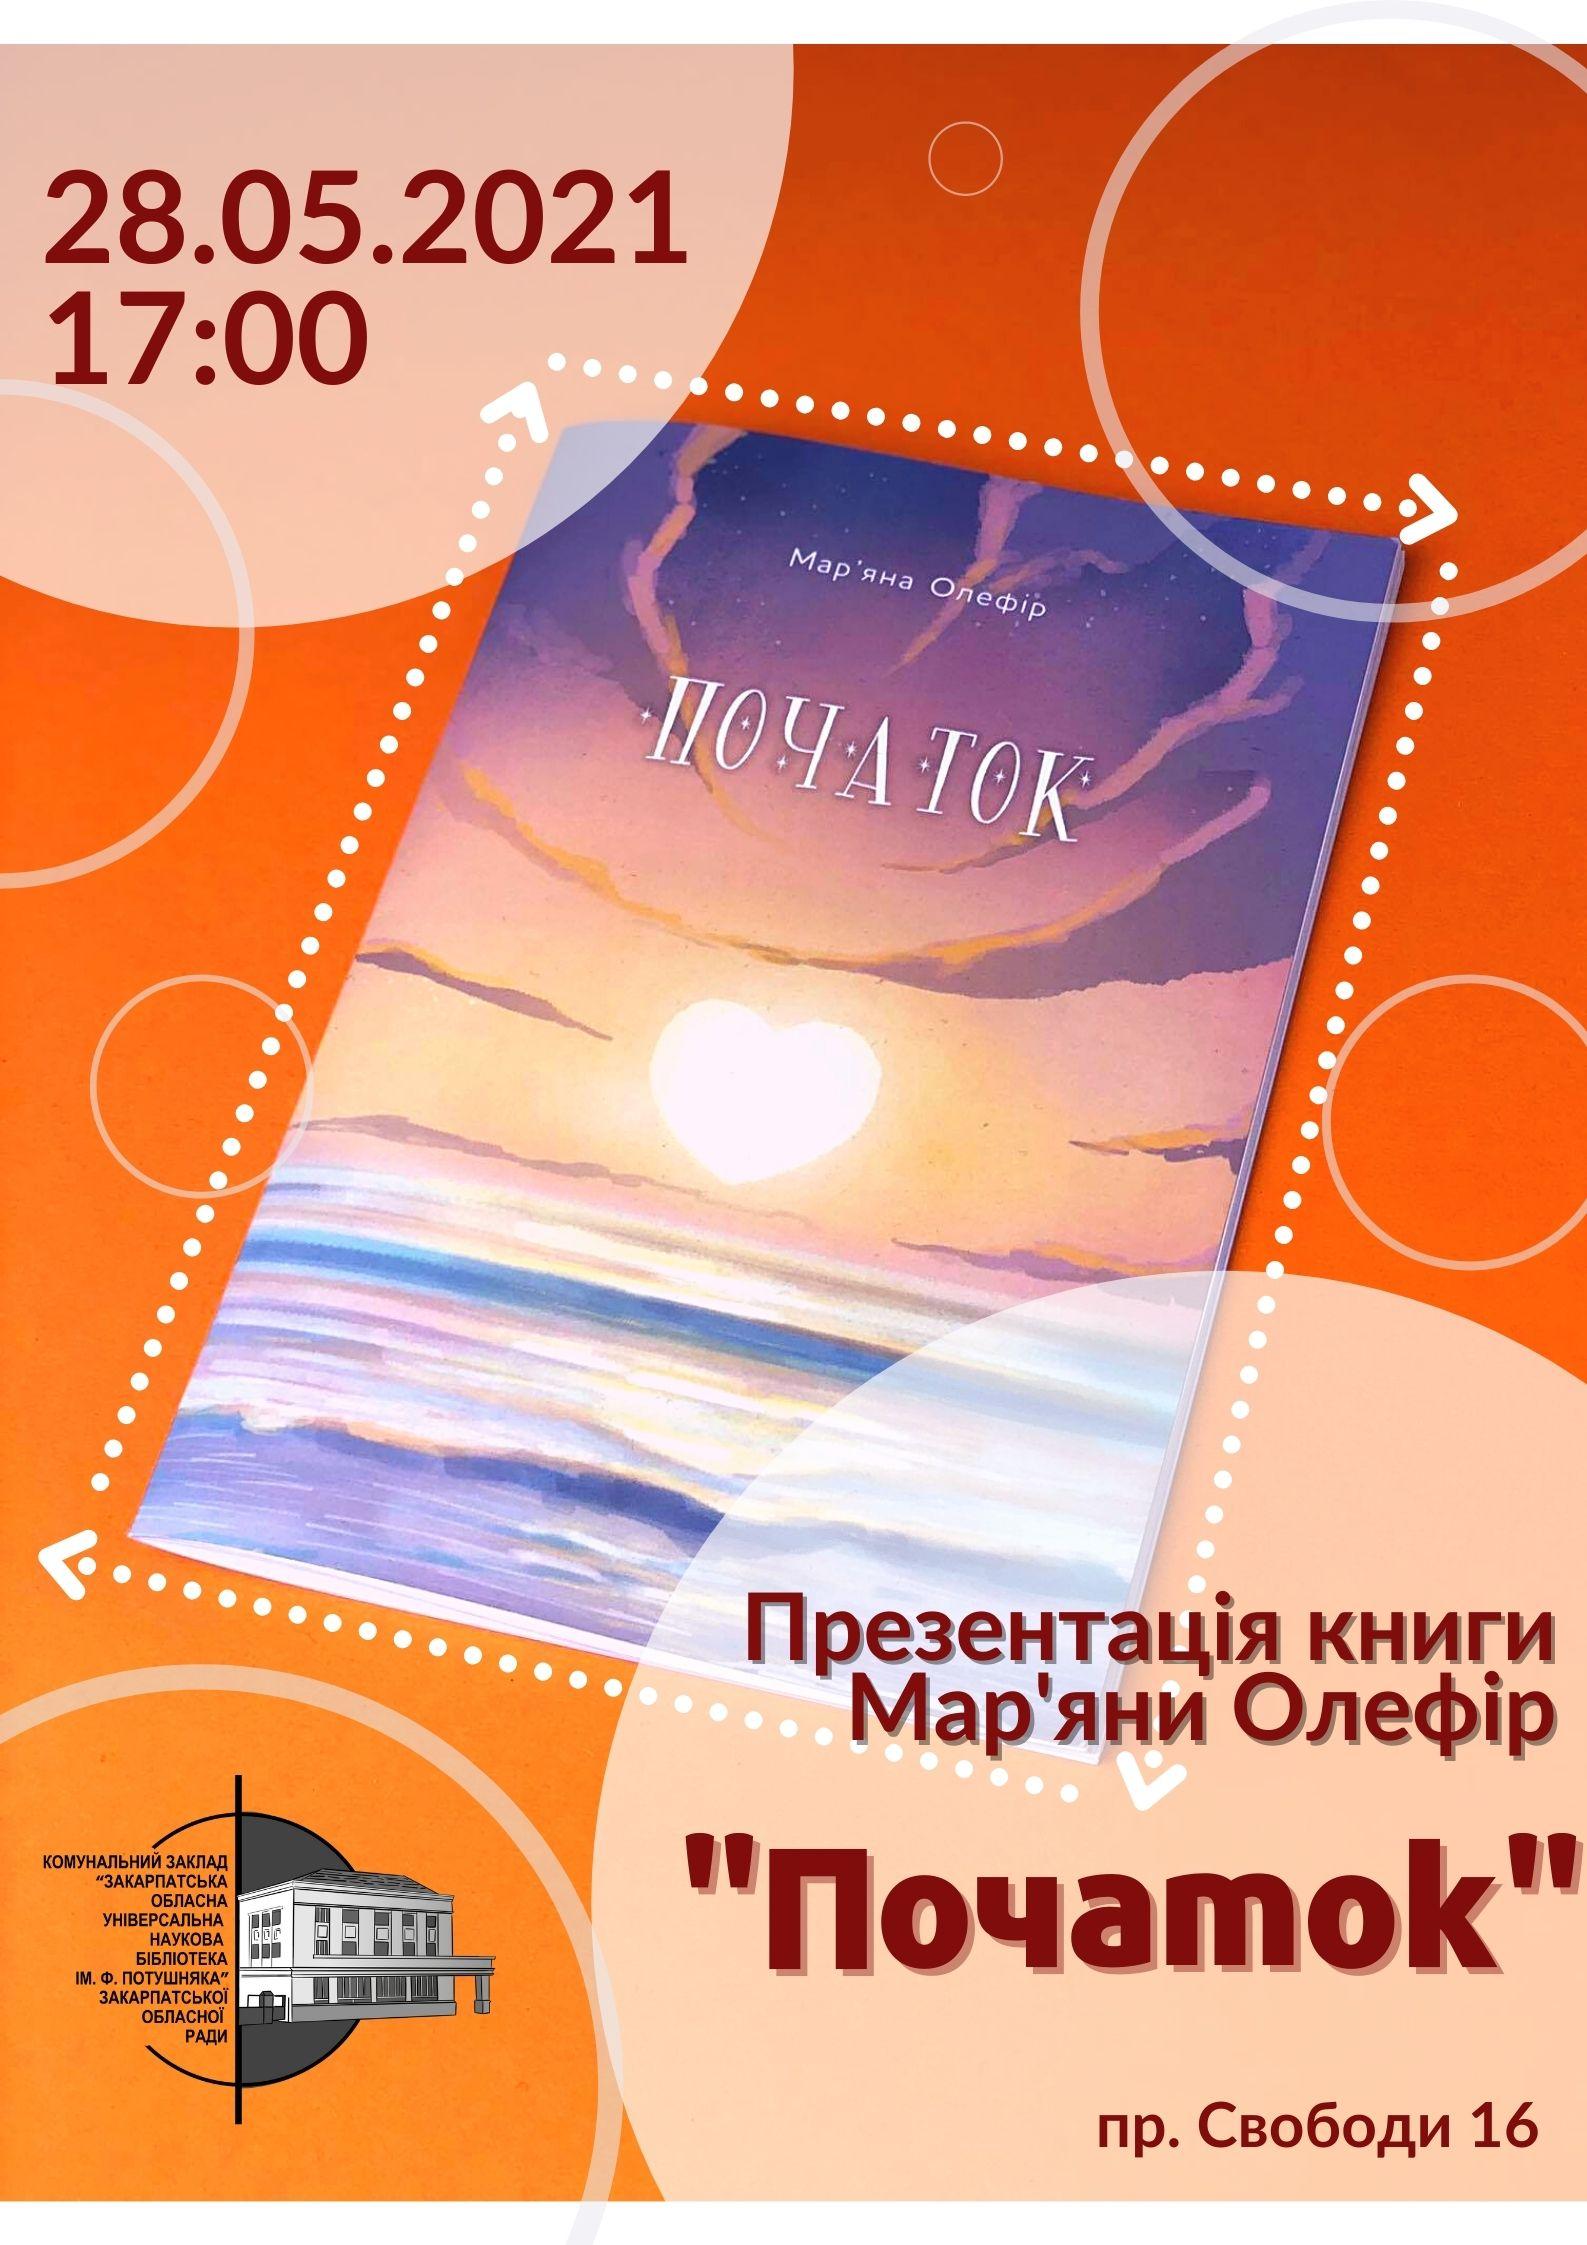 """У Закарпатській обласній бібліотеці представлять поетичну збірку Мар'яни Олефір """"Початок"""""""